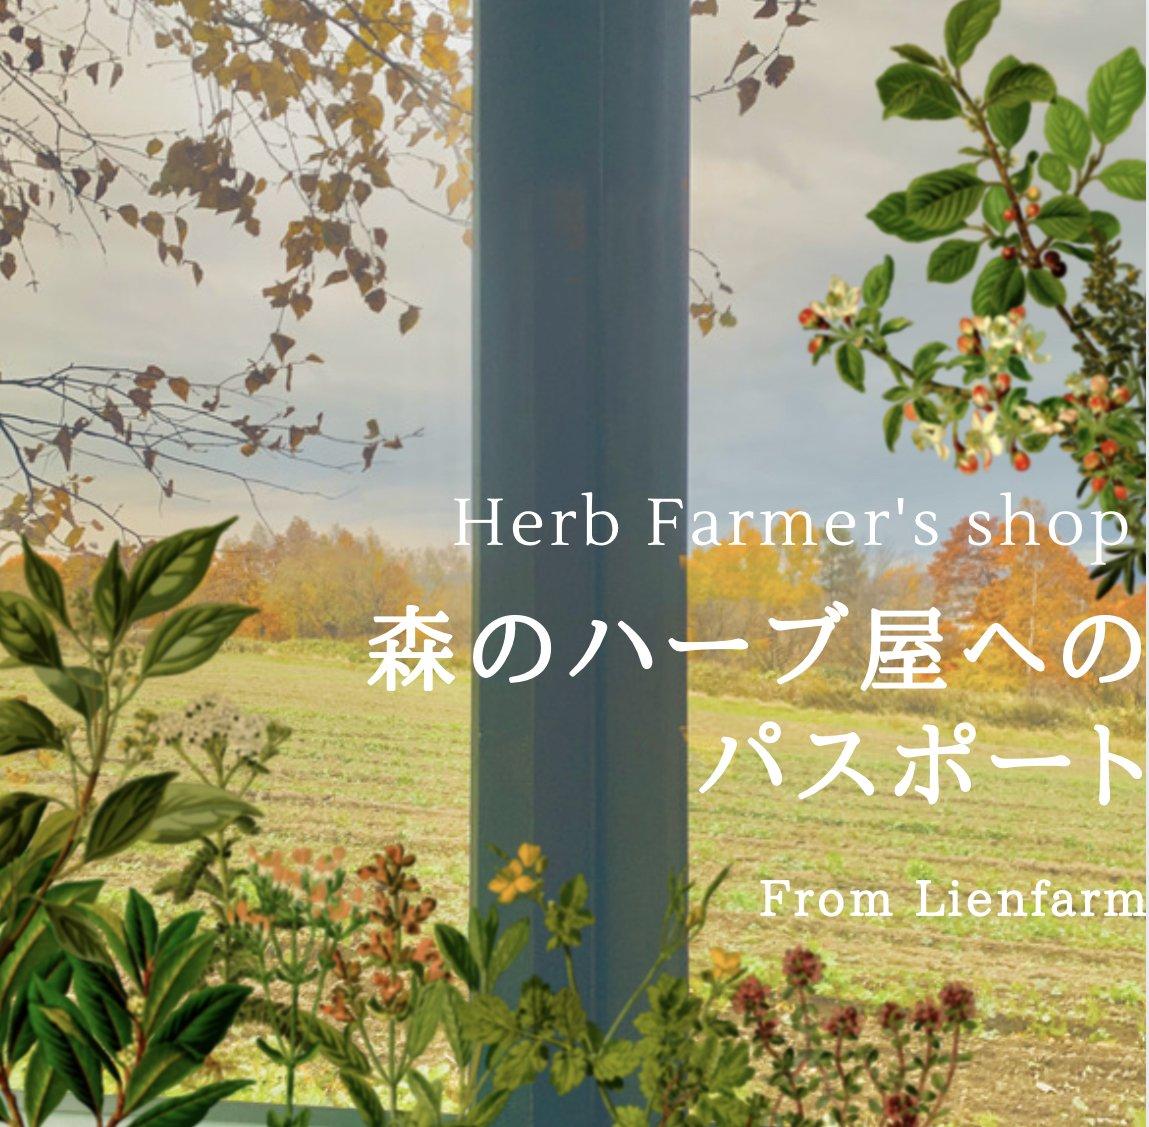 Lienfarm会員・年間パスポート《森のハーブ屋へのパスポート》のイメージその3